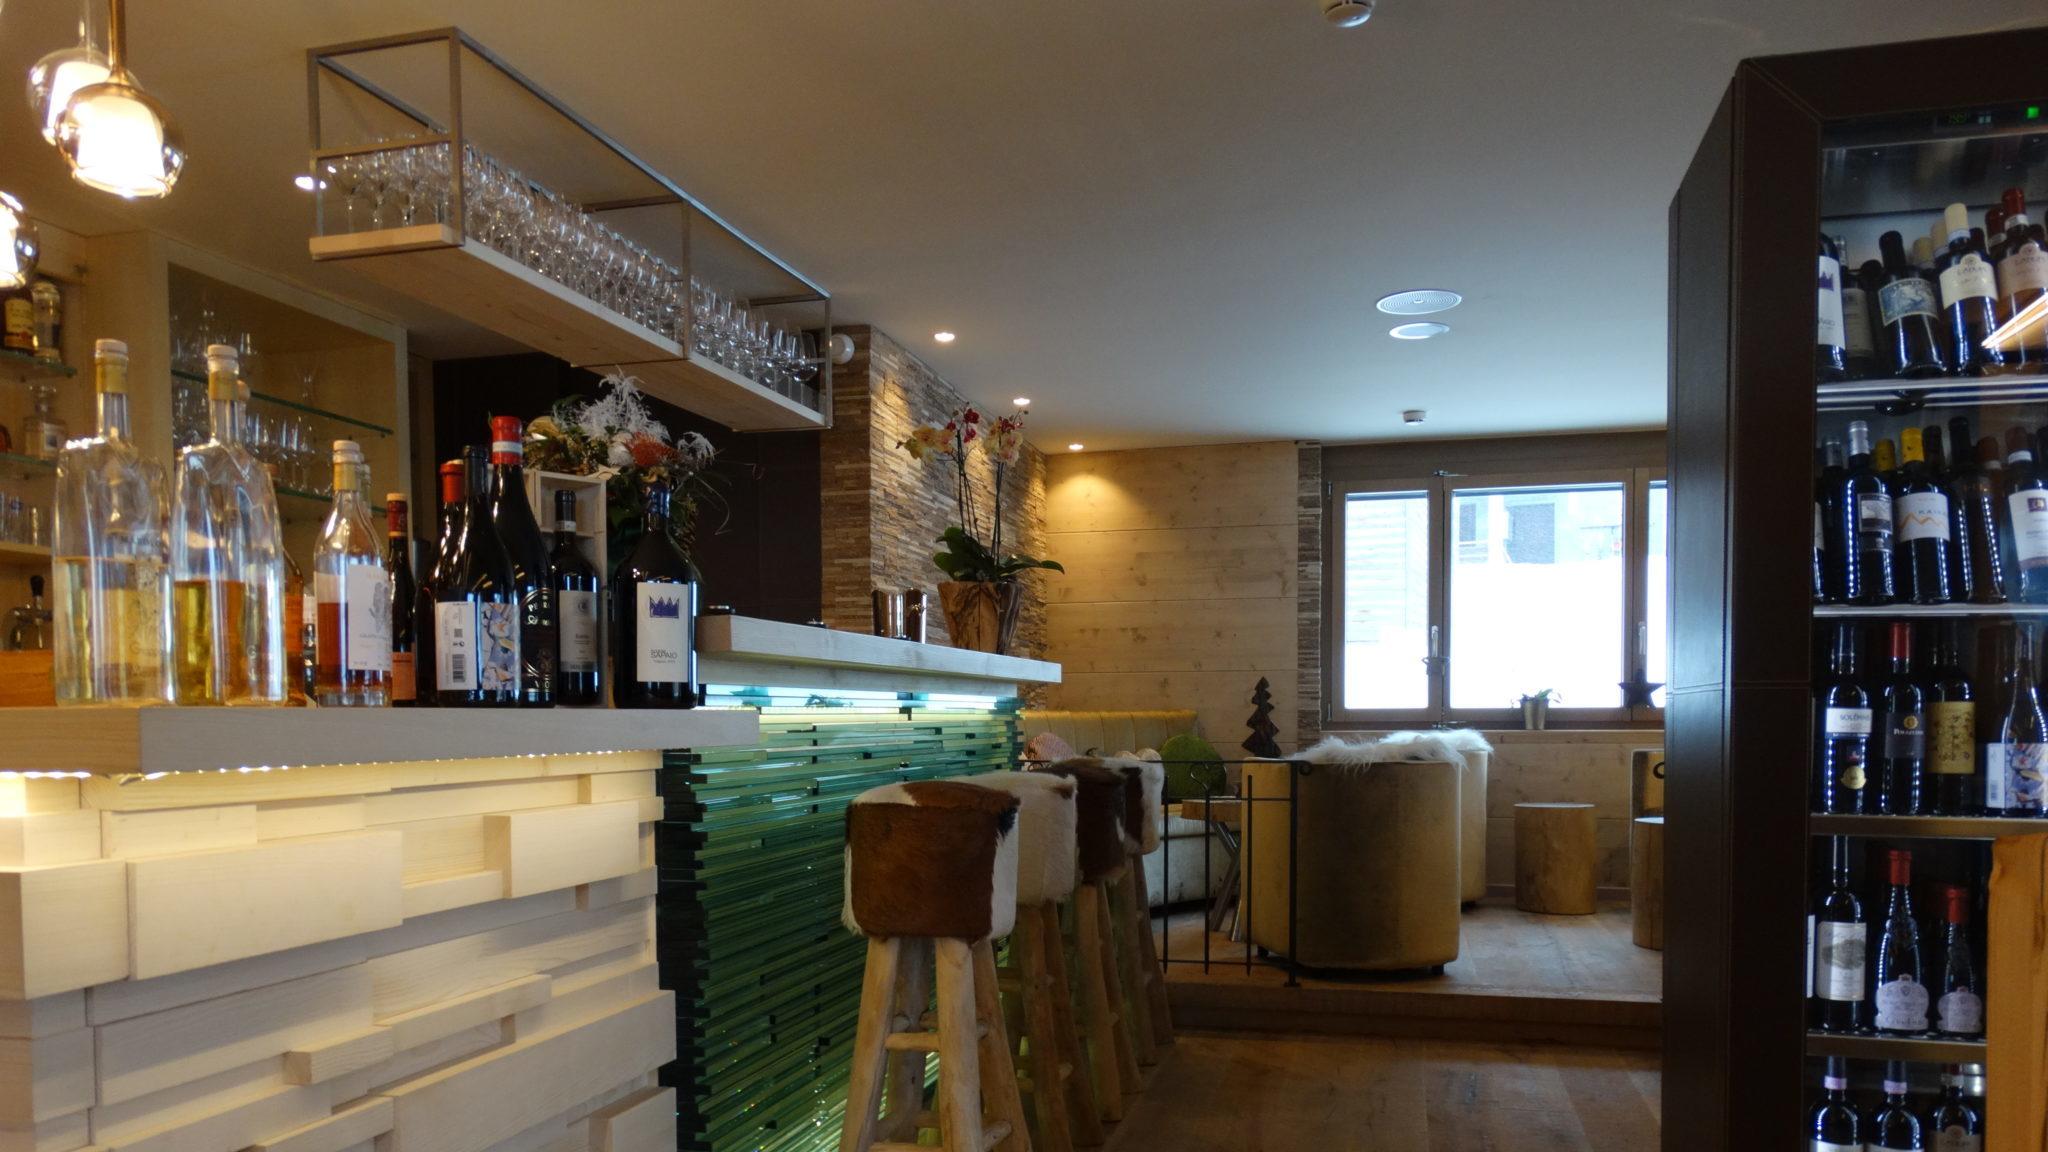 Caschu alp boutique design hotel stoos for Design boutique hotels stockholm